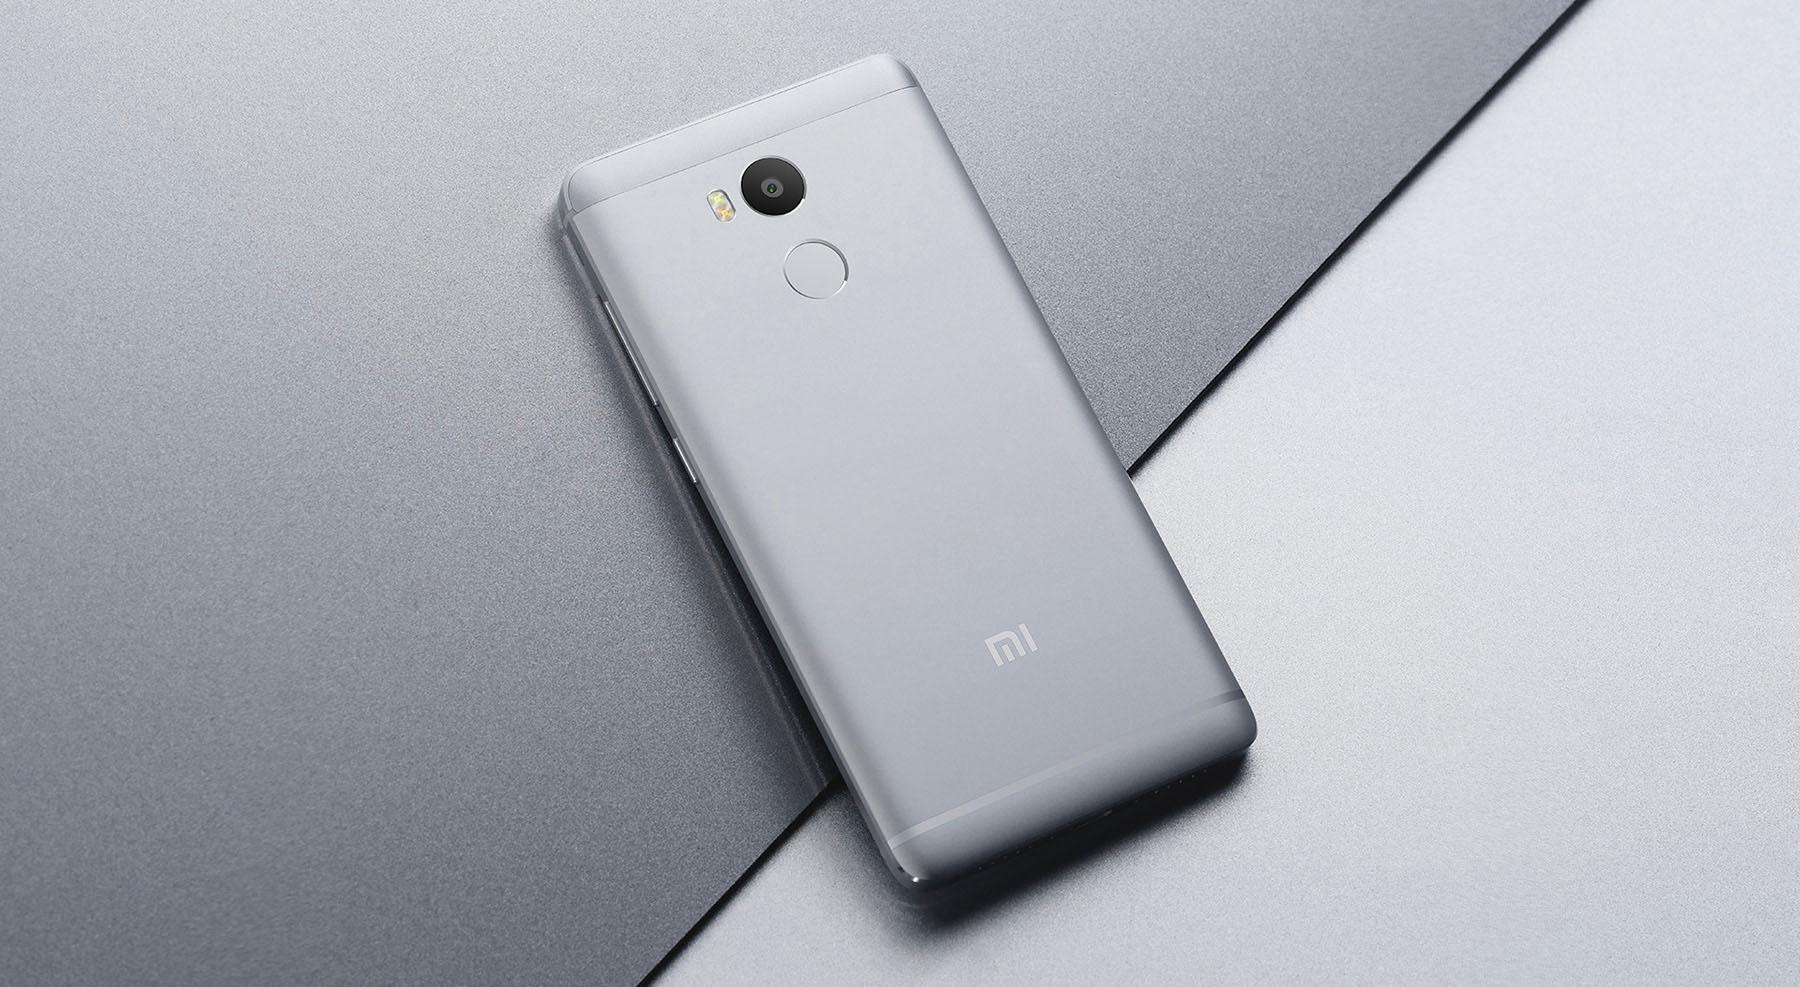 xiaomi-redmi-4-fingerprint-sensor